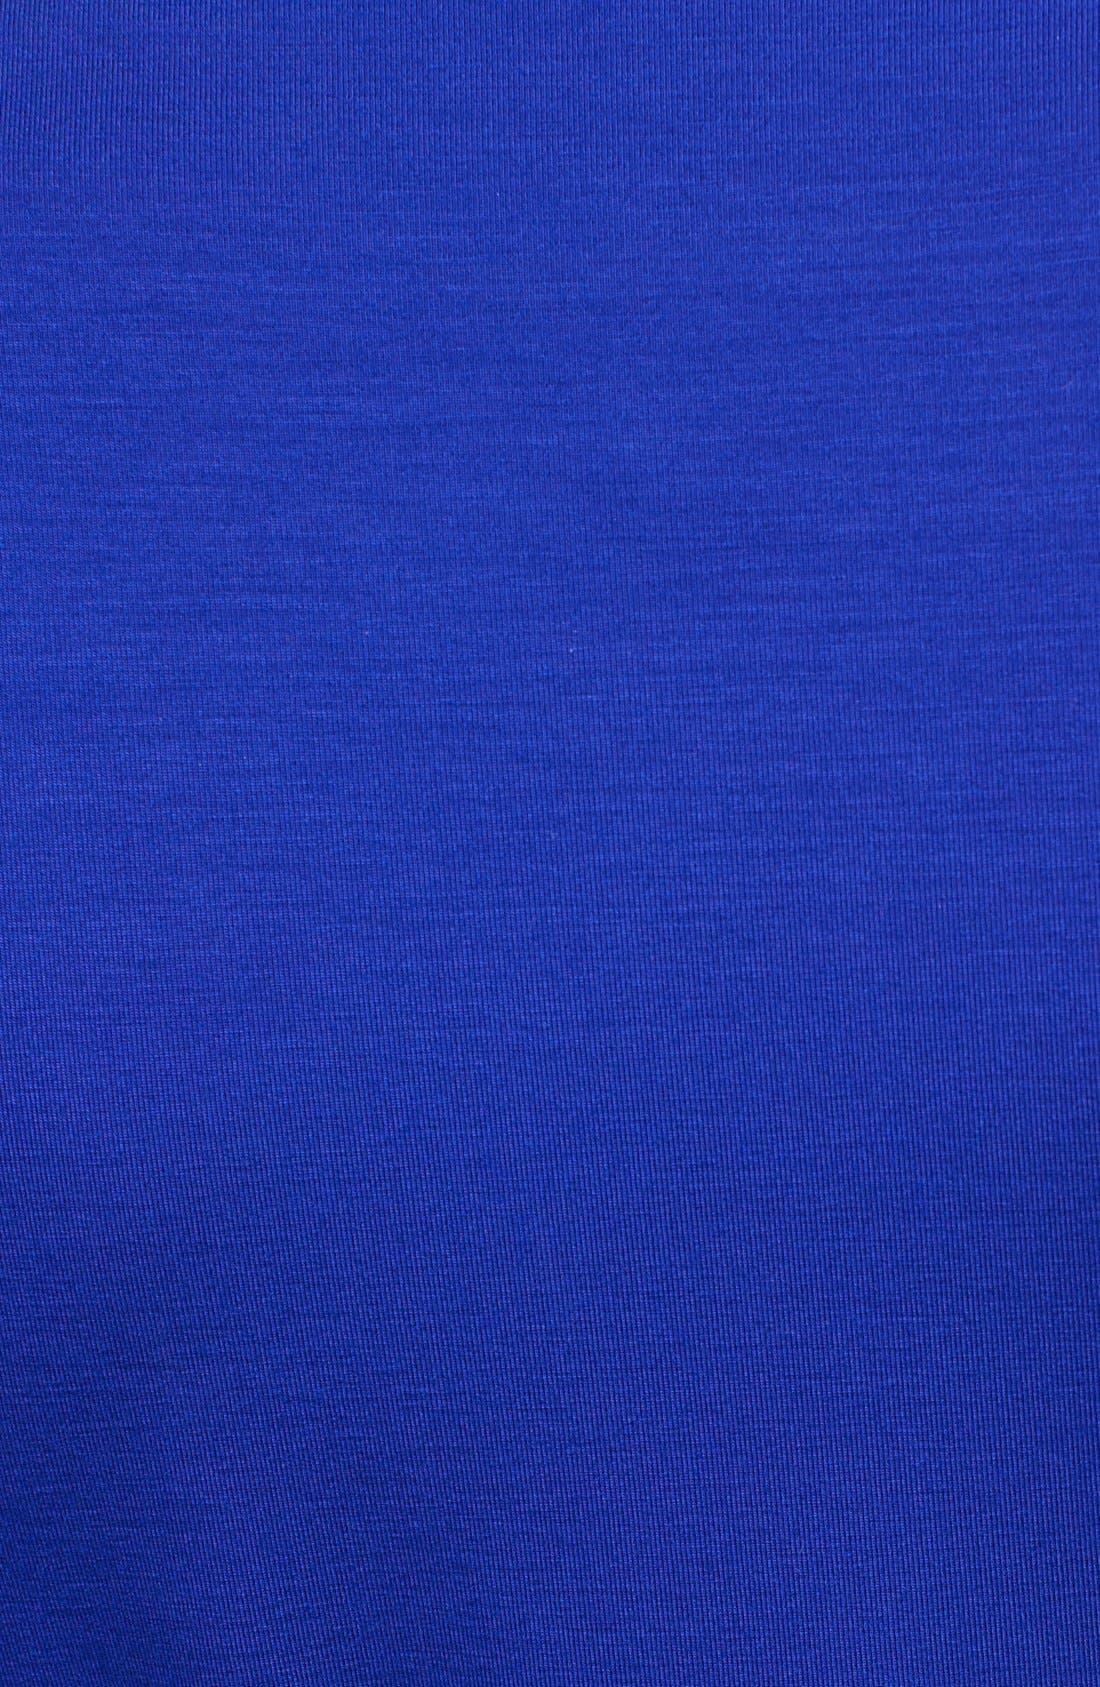 Alternate Image 3  - Diane von Furstenberg 'New Julian 2' Jersey Wrap Minidress